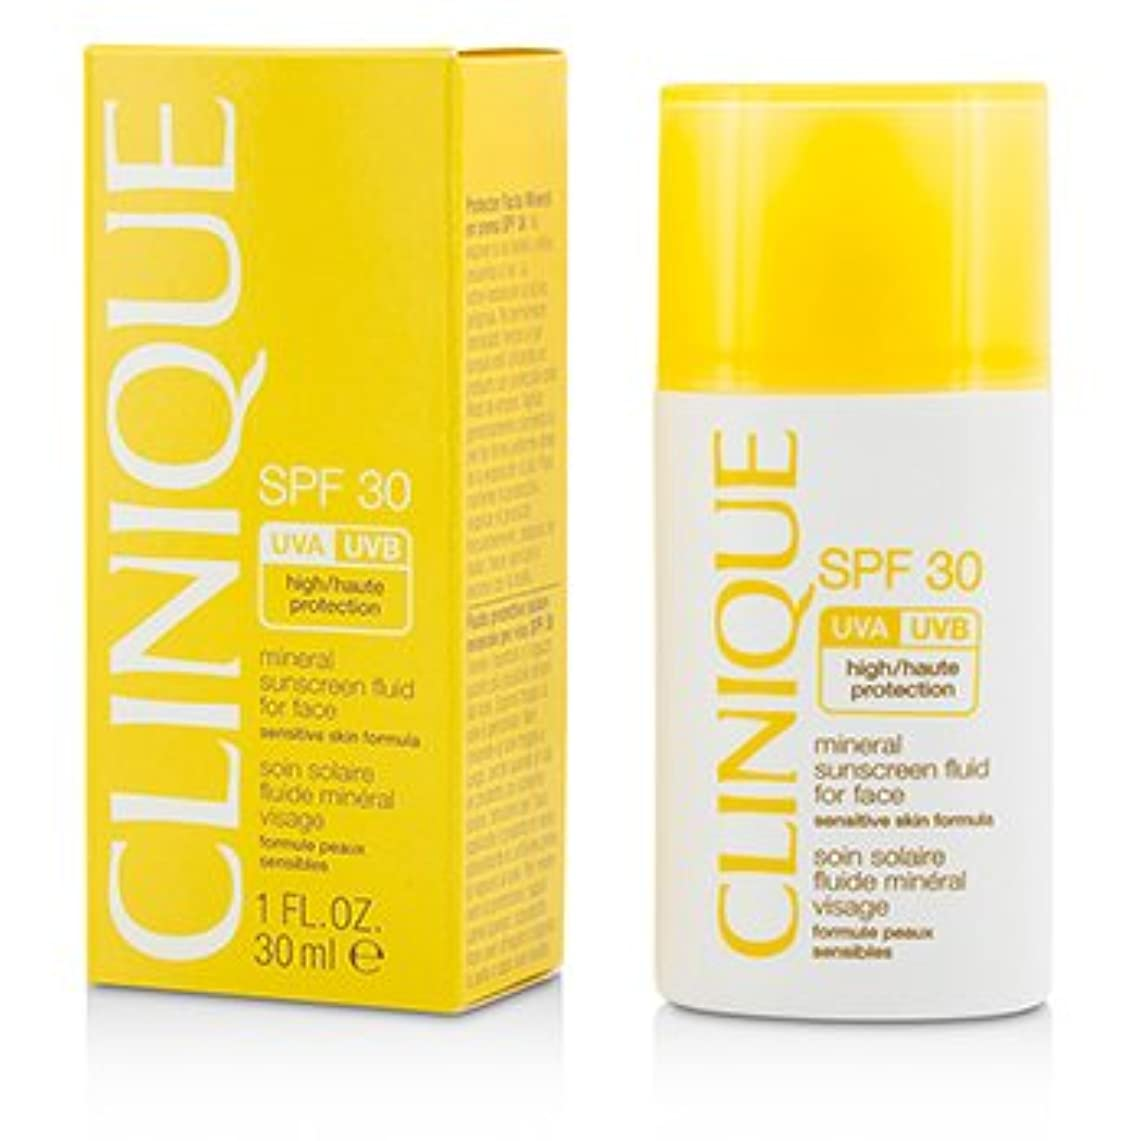 周りアンタゴニスト偶然[Clinique] Mineral Sunscreen Fluid For Face SPF 30 - Sensitive Skin Formula 30ml/1oz